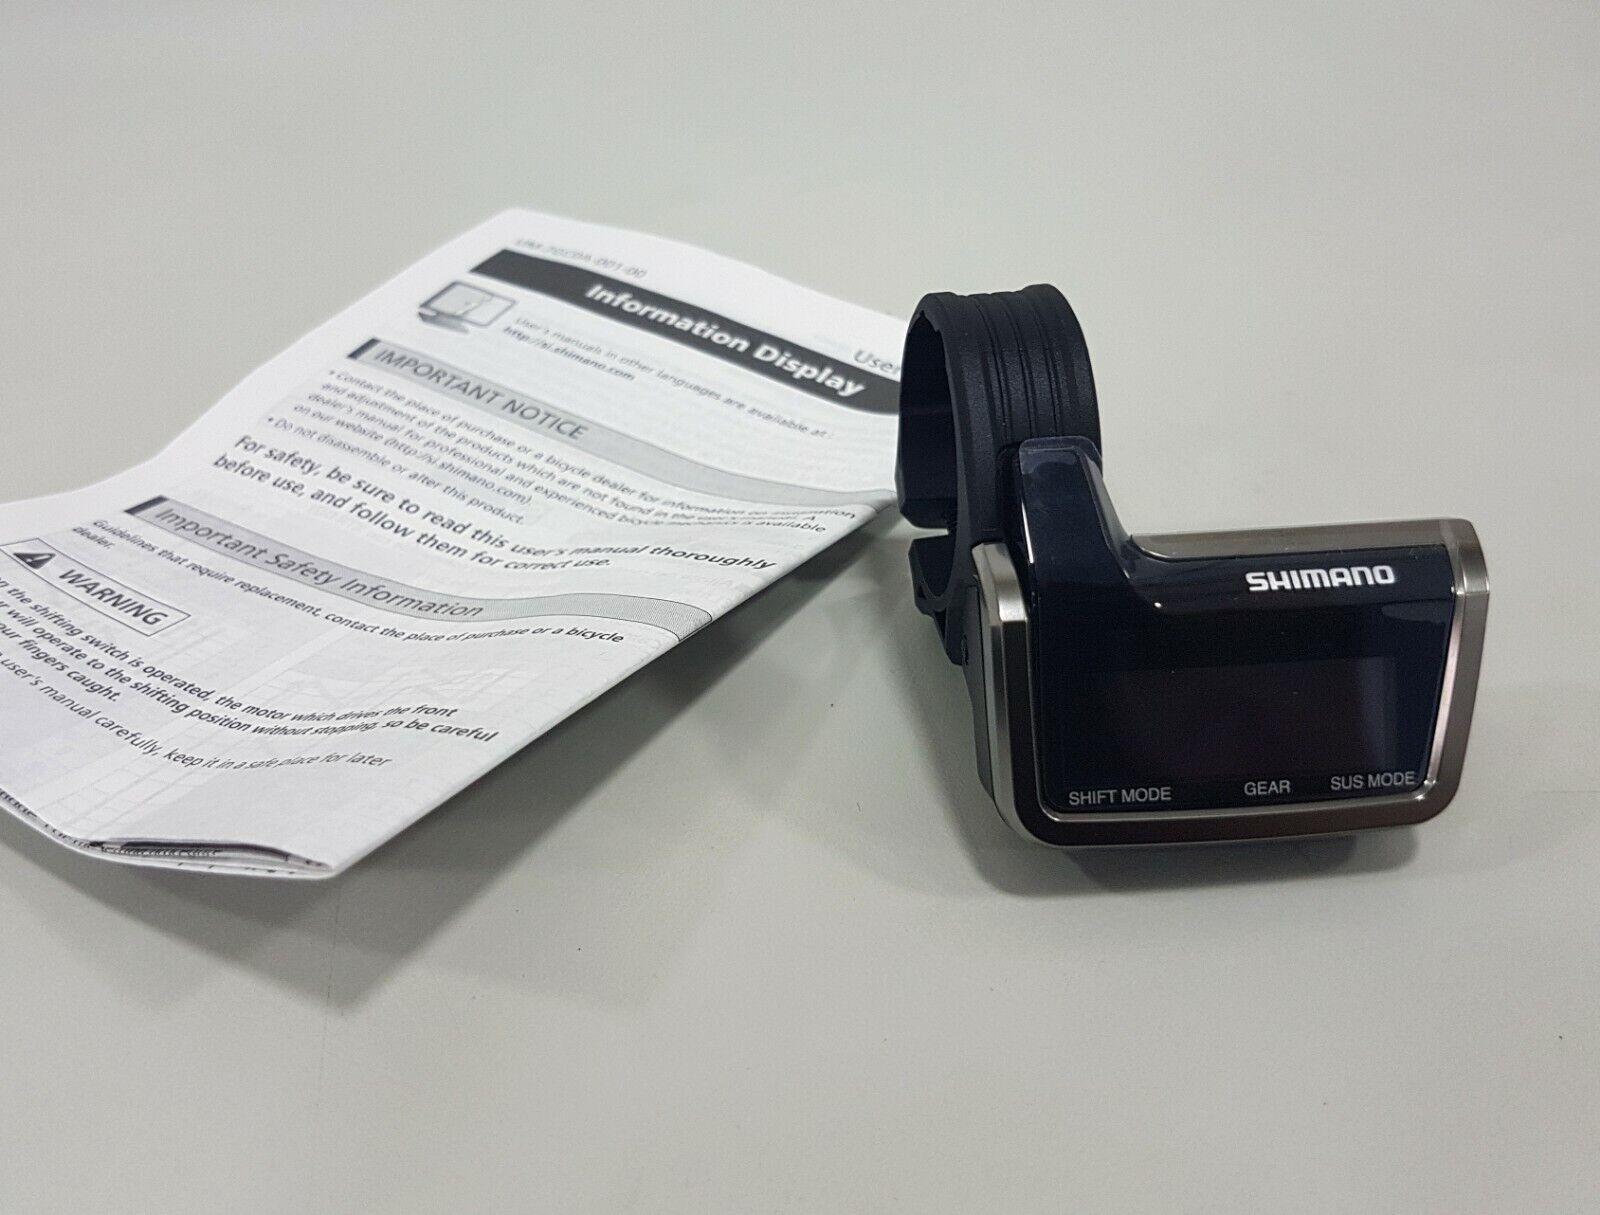 Shimano XTR Di2 SC-M9050 M9050 pantalla de información de sistema de unidad de pantalla (Negro)